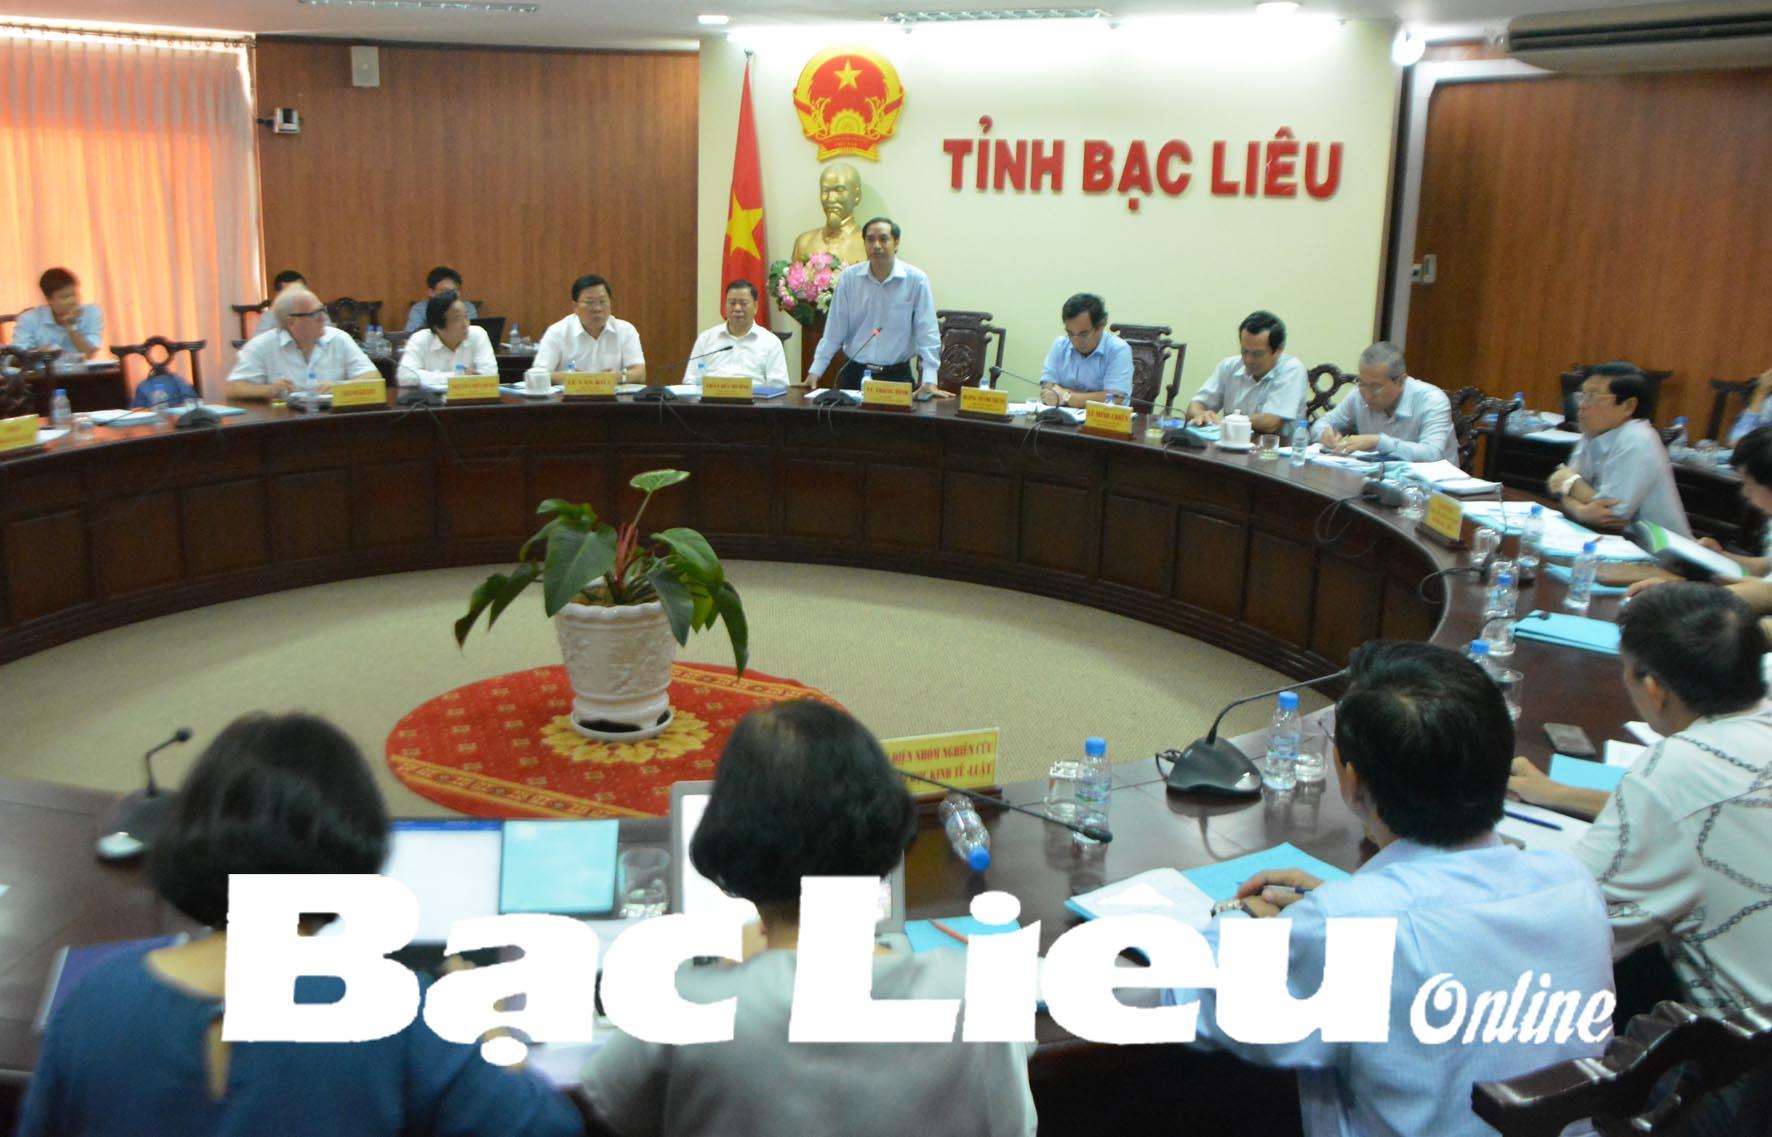 Ban Kinh tế Trung ương: Họp Tổ công tác Đề án phát triển kinh tế liên kết tiểu vùng Bán đảo Cà Mau tại Bạc Liêu